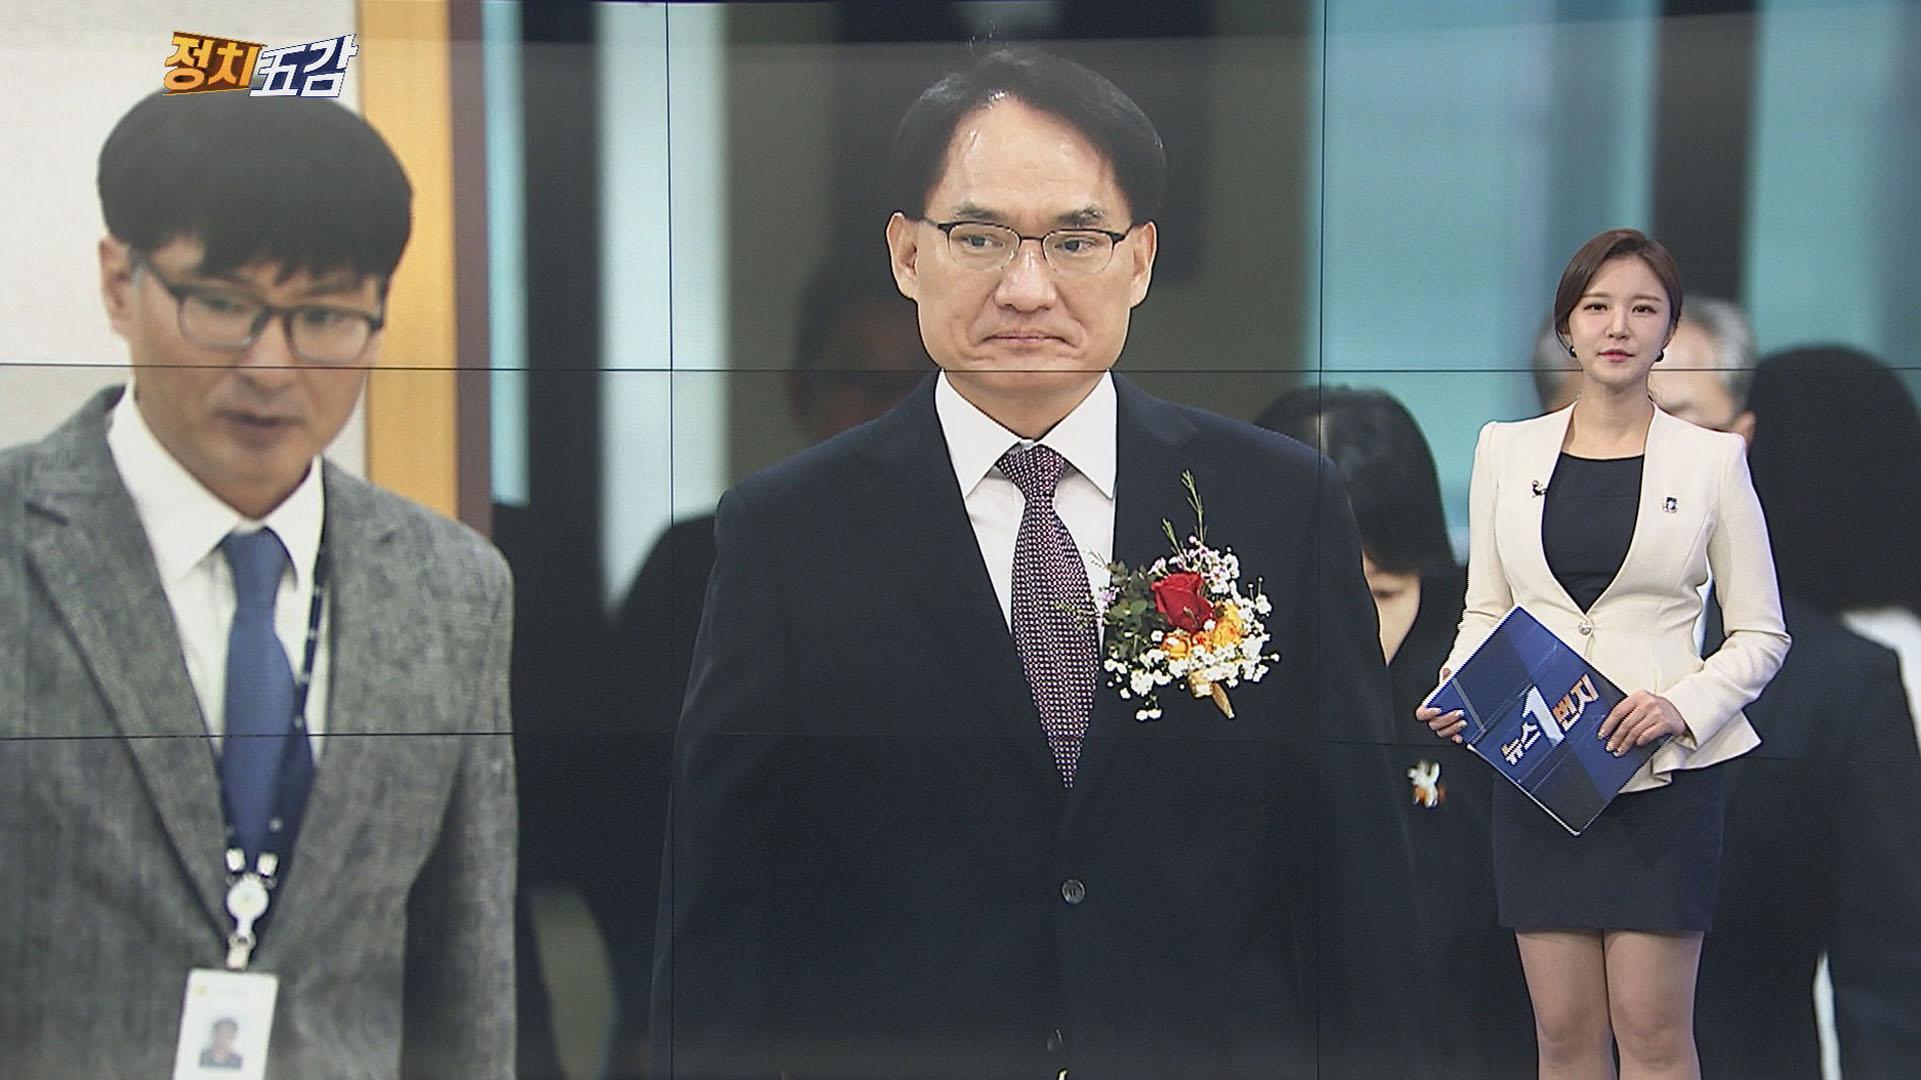 [정치五감] '윤석열 사단' 박찬호 신임 제주지검장 취임식 外